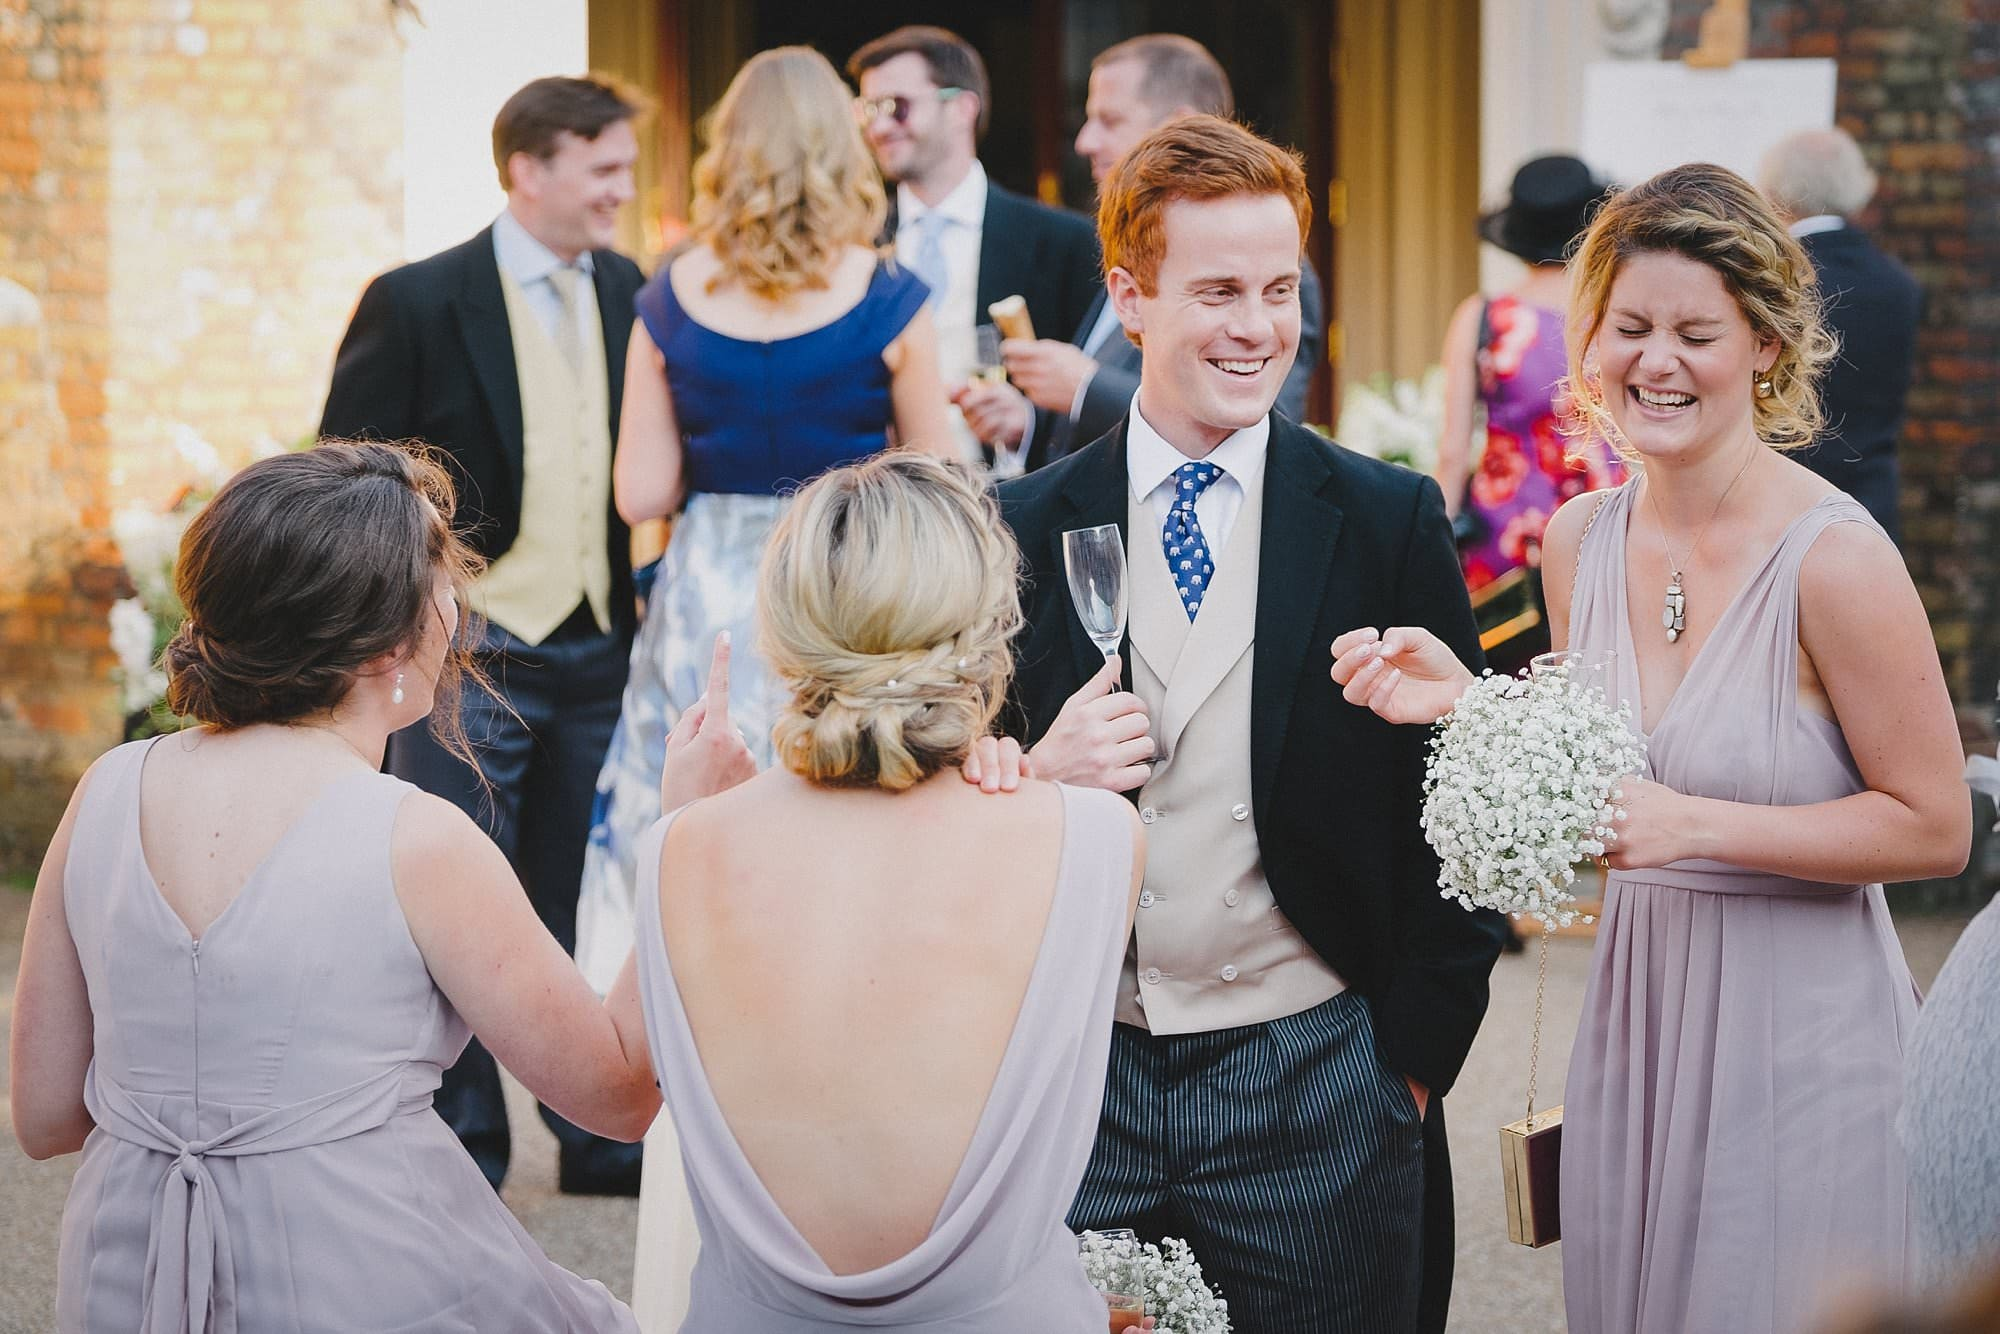 fulham palace wedding photographer 060 - Rosanna & Duncan's Fulham Palace Wedding